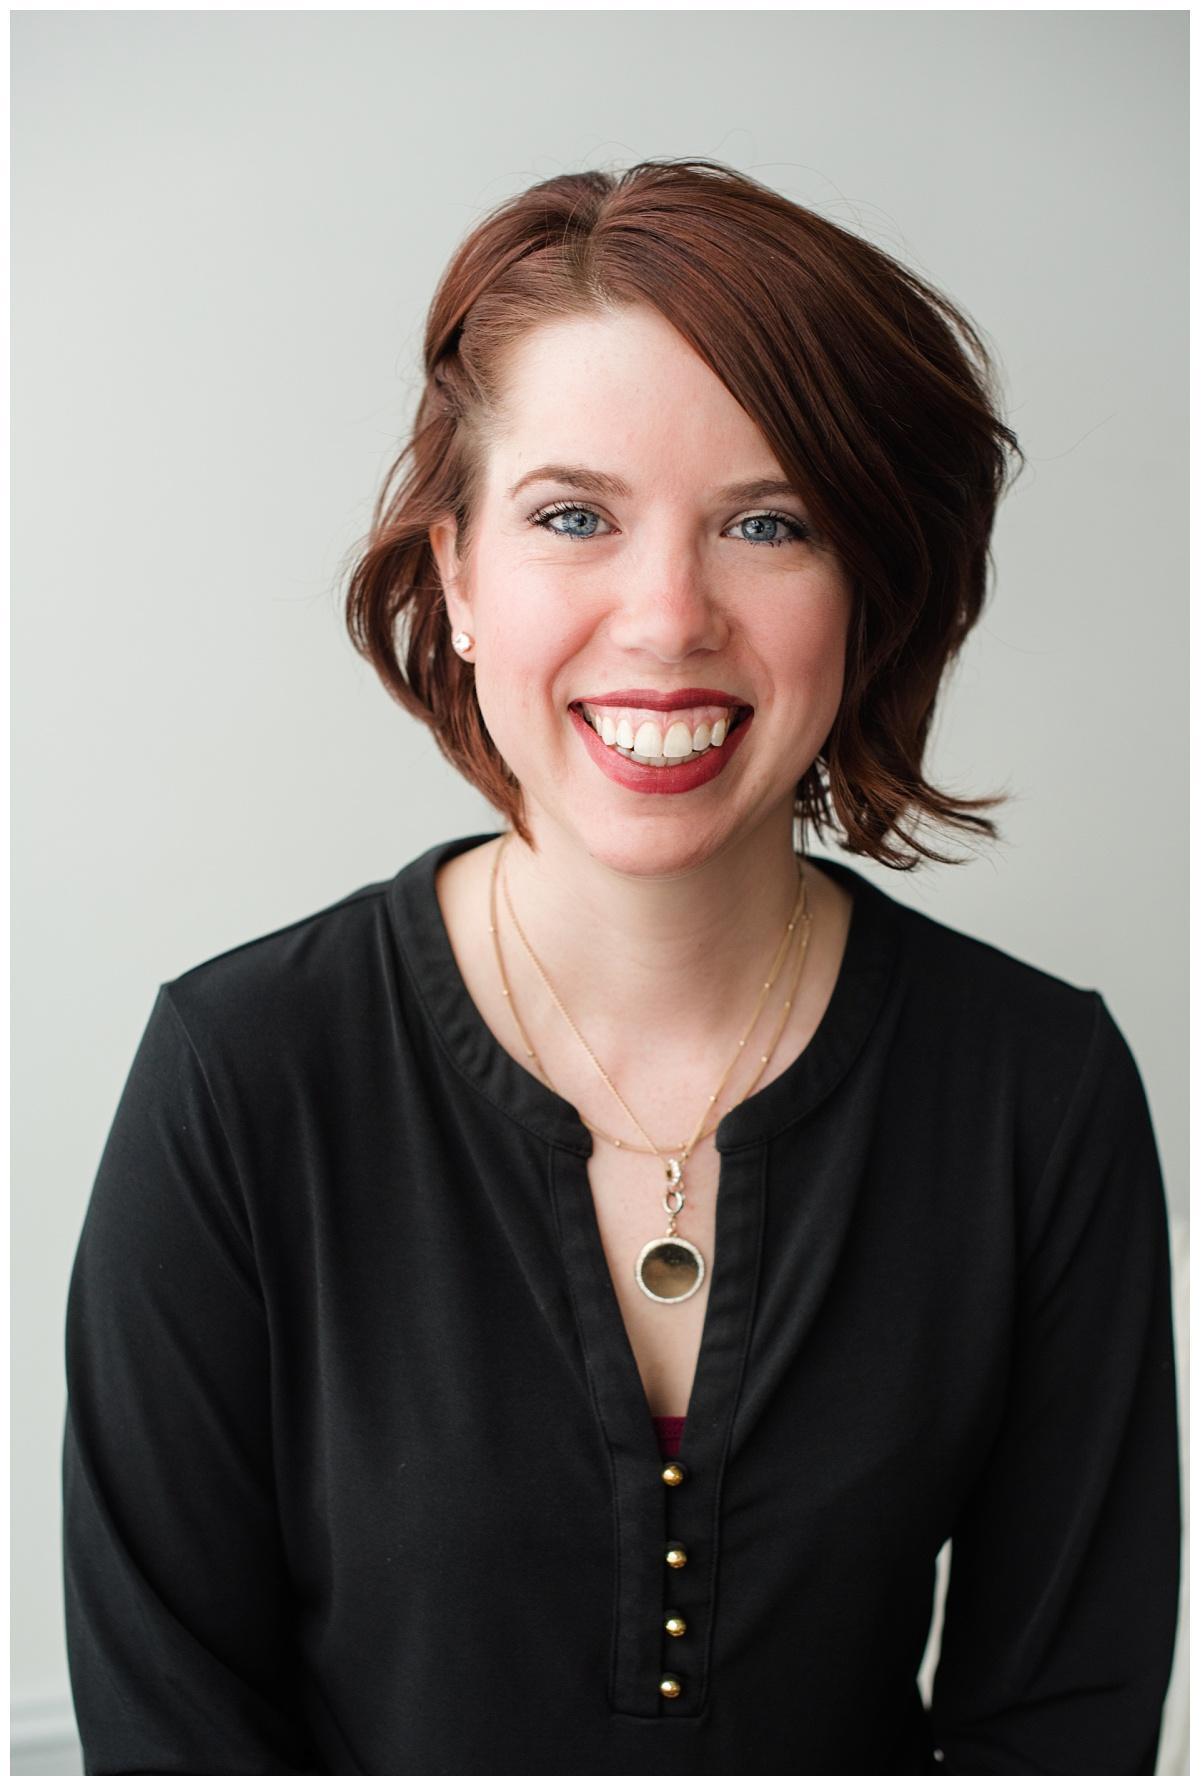 Jessica Wonders | Owner + Lead Planner